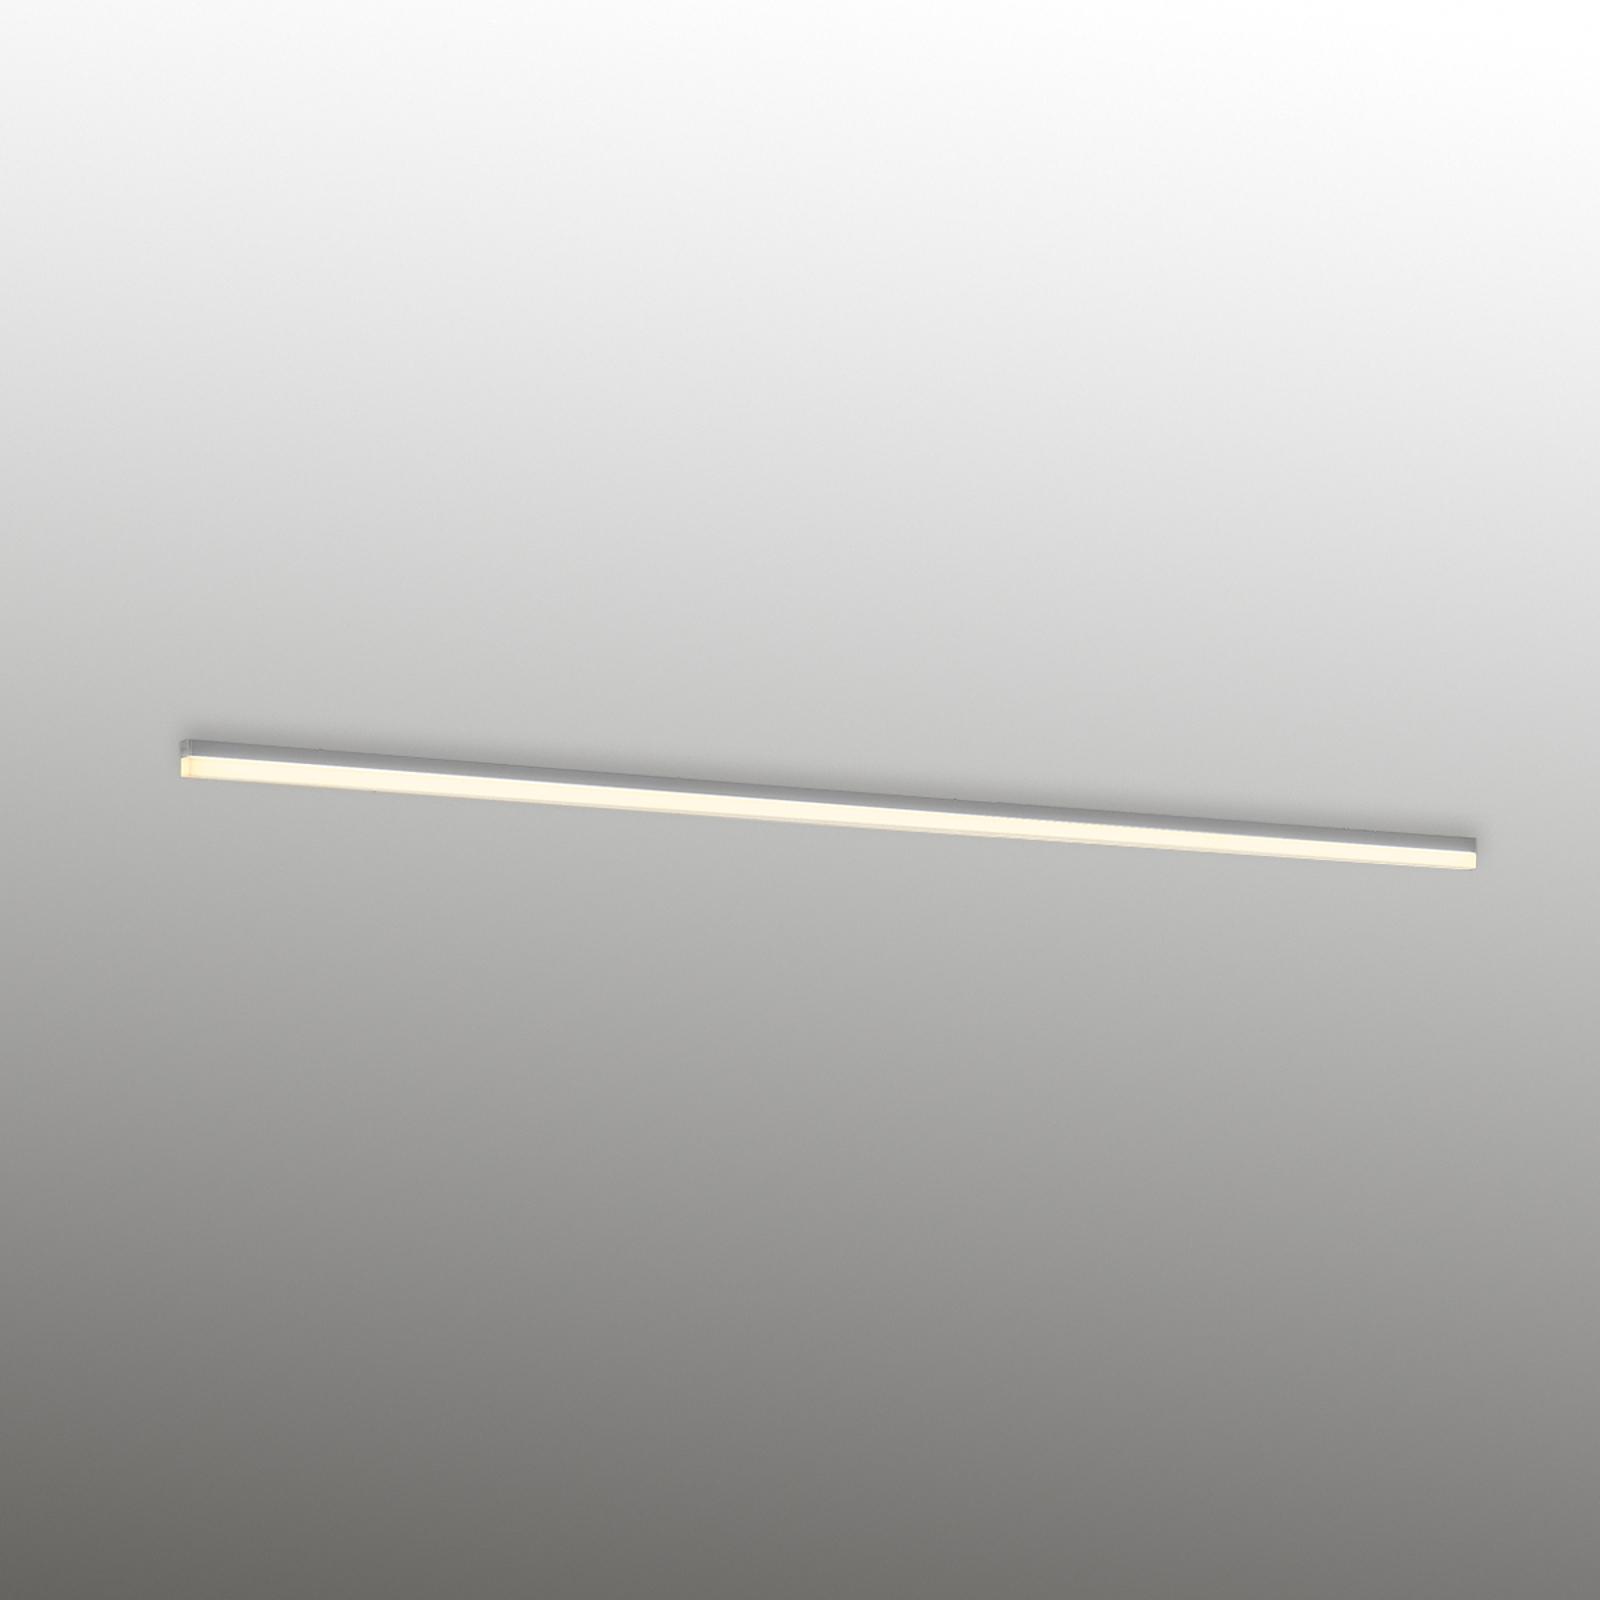 Ribag SPINAled praktische Deckenleuchte 120 cm